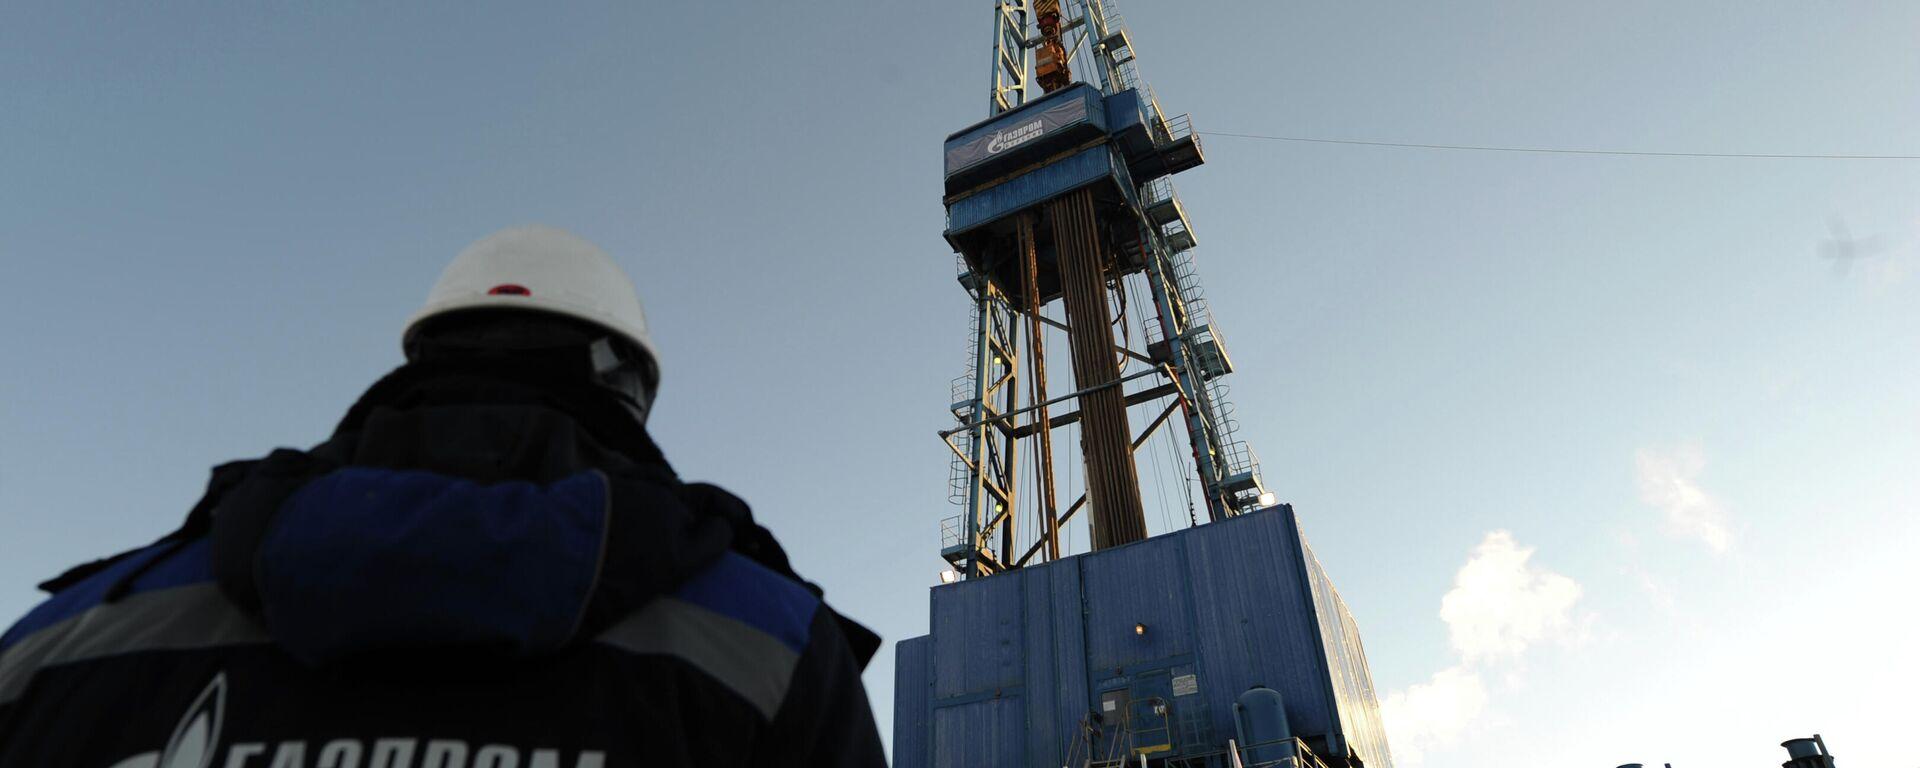 Mitarbeiter des russischen Energiekonzerns Gazprom an einer Gasförderstation in Russland (Archivbild) - SNA, 1920, 17.02.2021